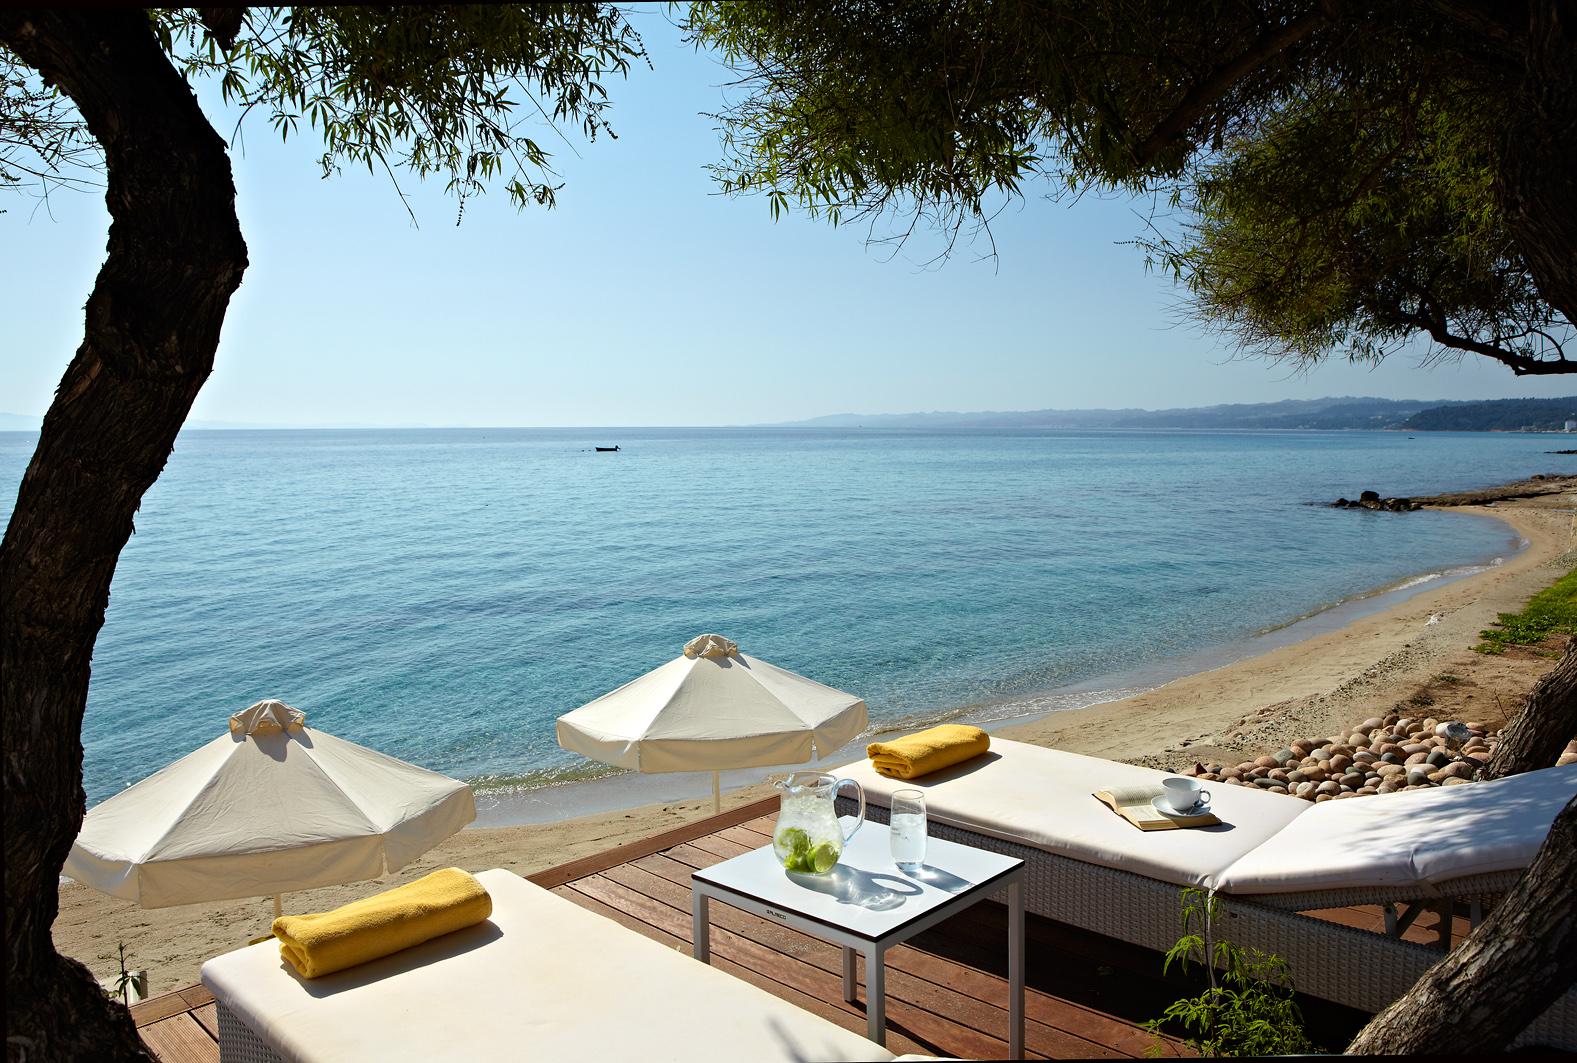 Hotel afitis chalkidiki grecja for Design boutique hotels chalkidiki